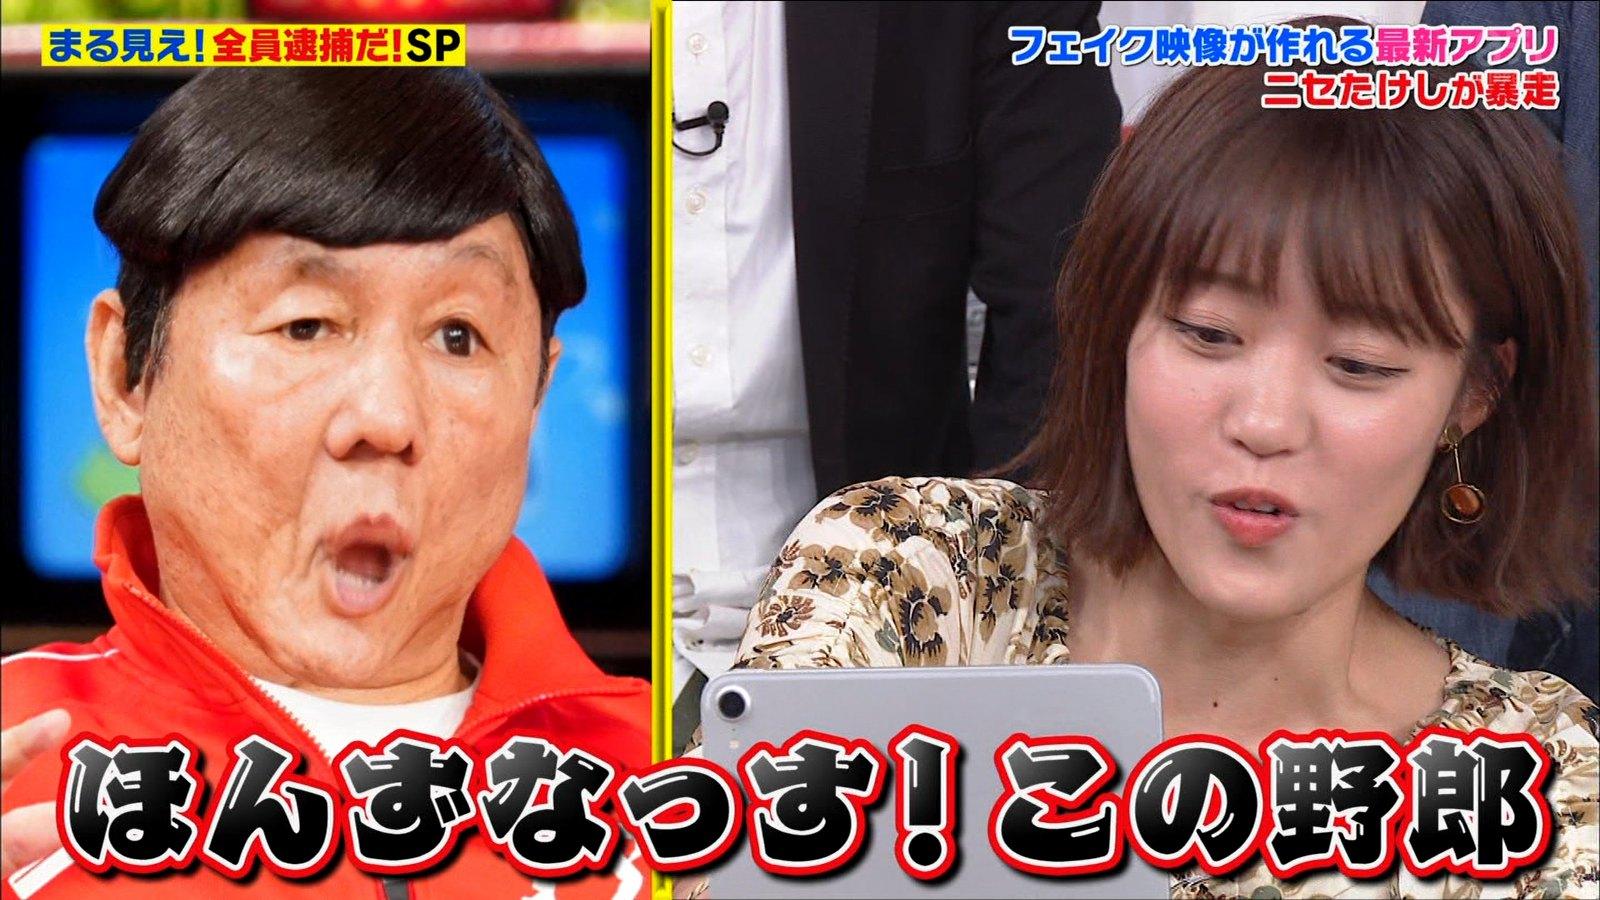 王林_お尻_パンツライン_世界まる見えテレビ特捜部_10